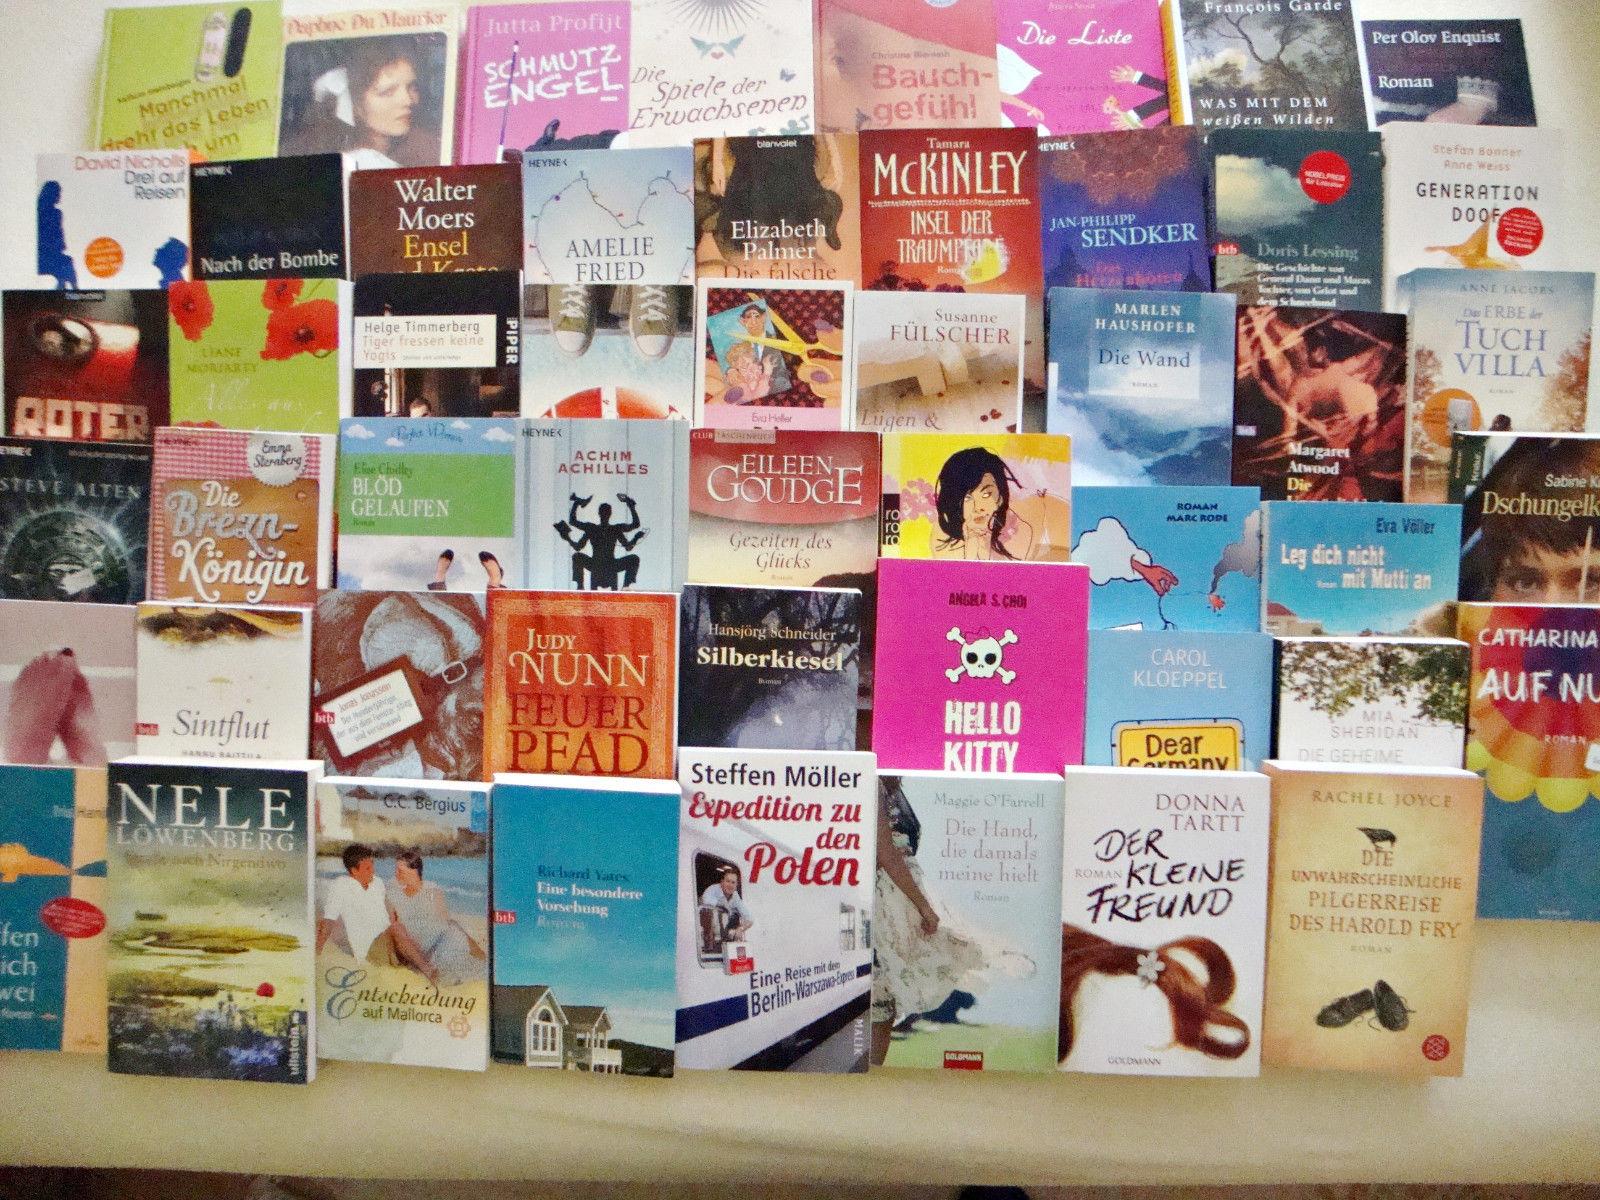 Bücherpaket, 52 Taschenbücher und Gebundene Bücher, Frauenromane, Belletristik